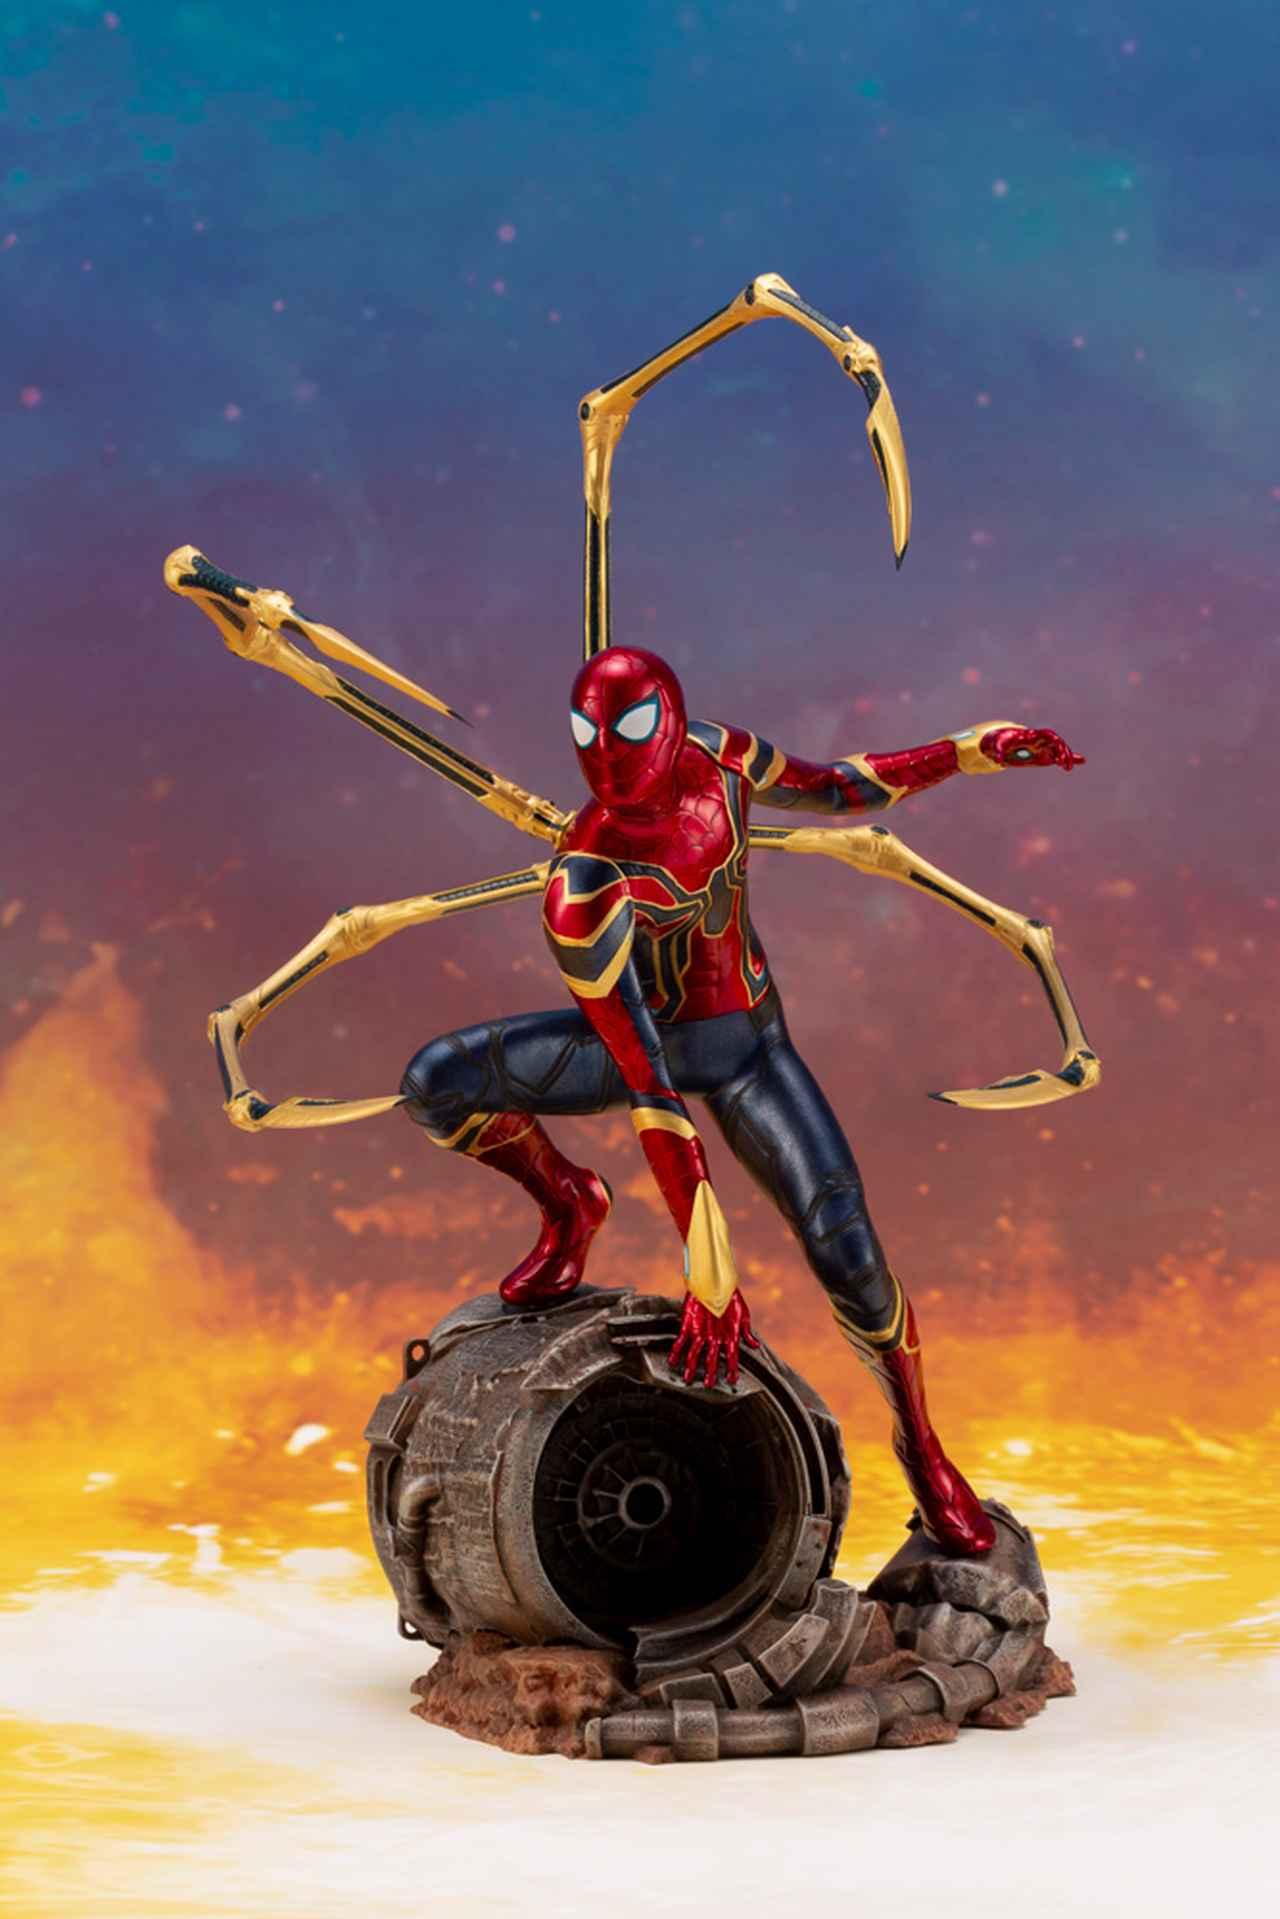 画像1: 「アベンジャーズ/インフィニティ・ウォー」のアイアン・スパイダーがコトブキヤのARTFXとして登場!